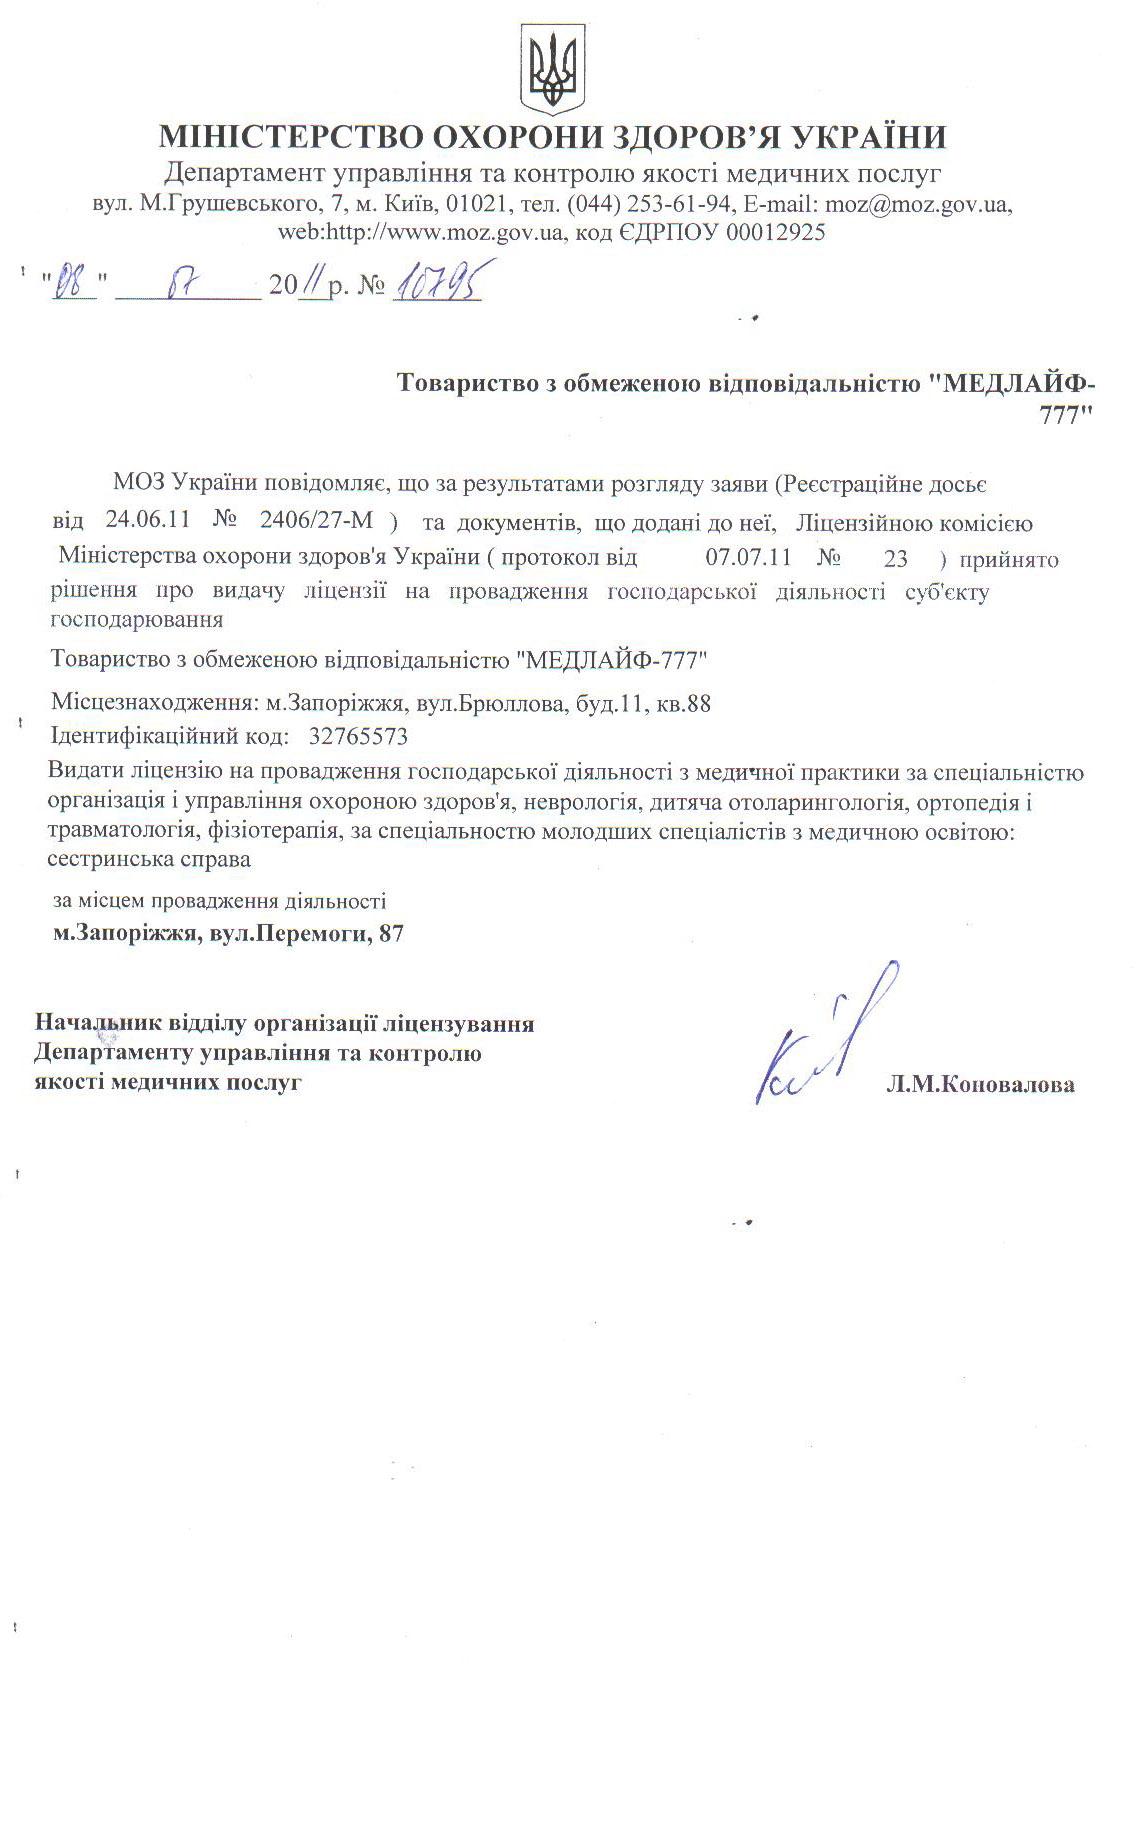 Лицензия Медлайф777 специальности